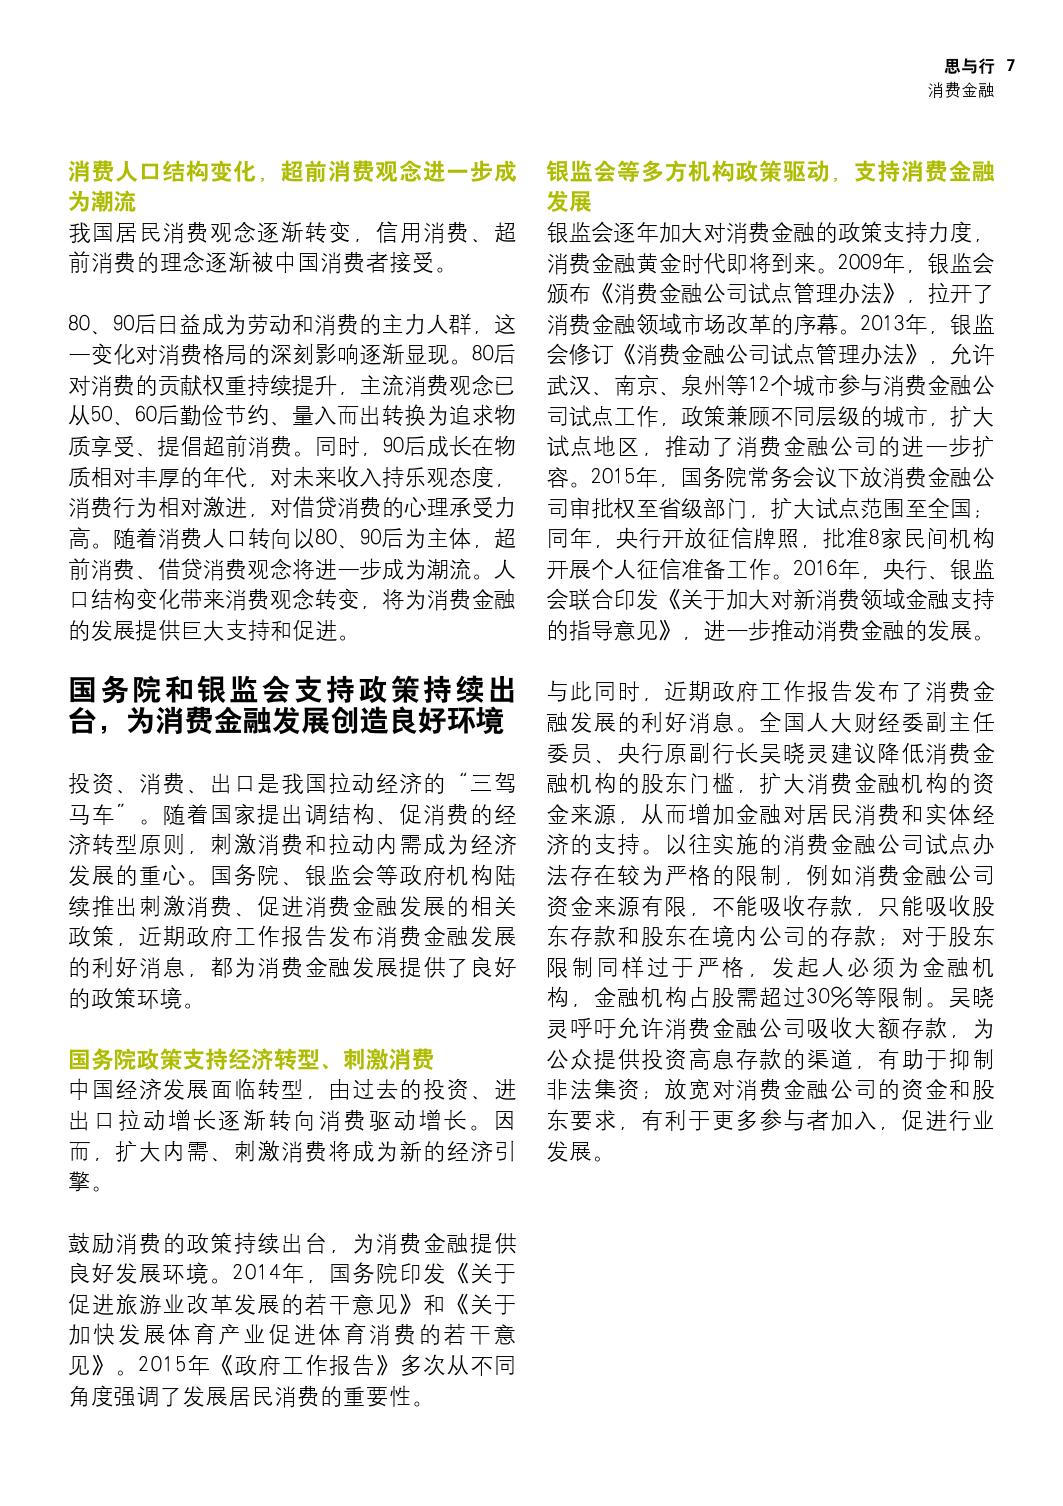 消费金融:开启零售生态消费新纪元_000007